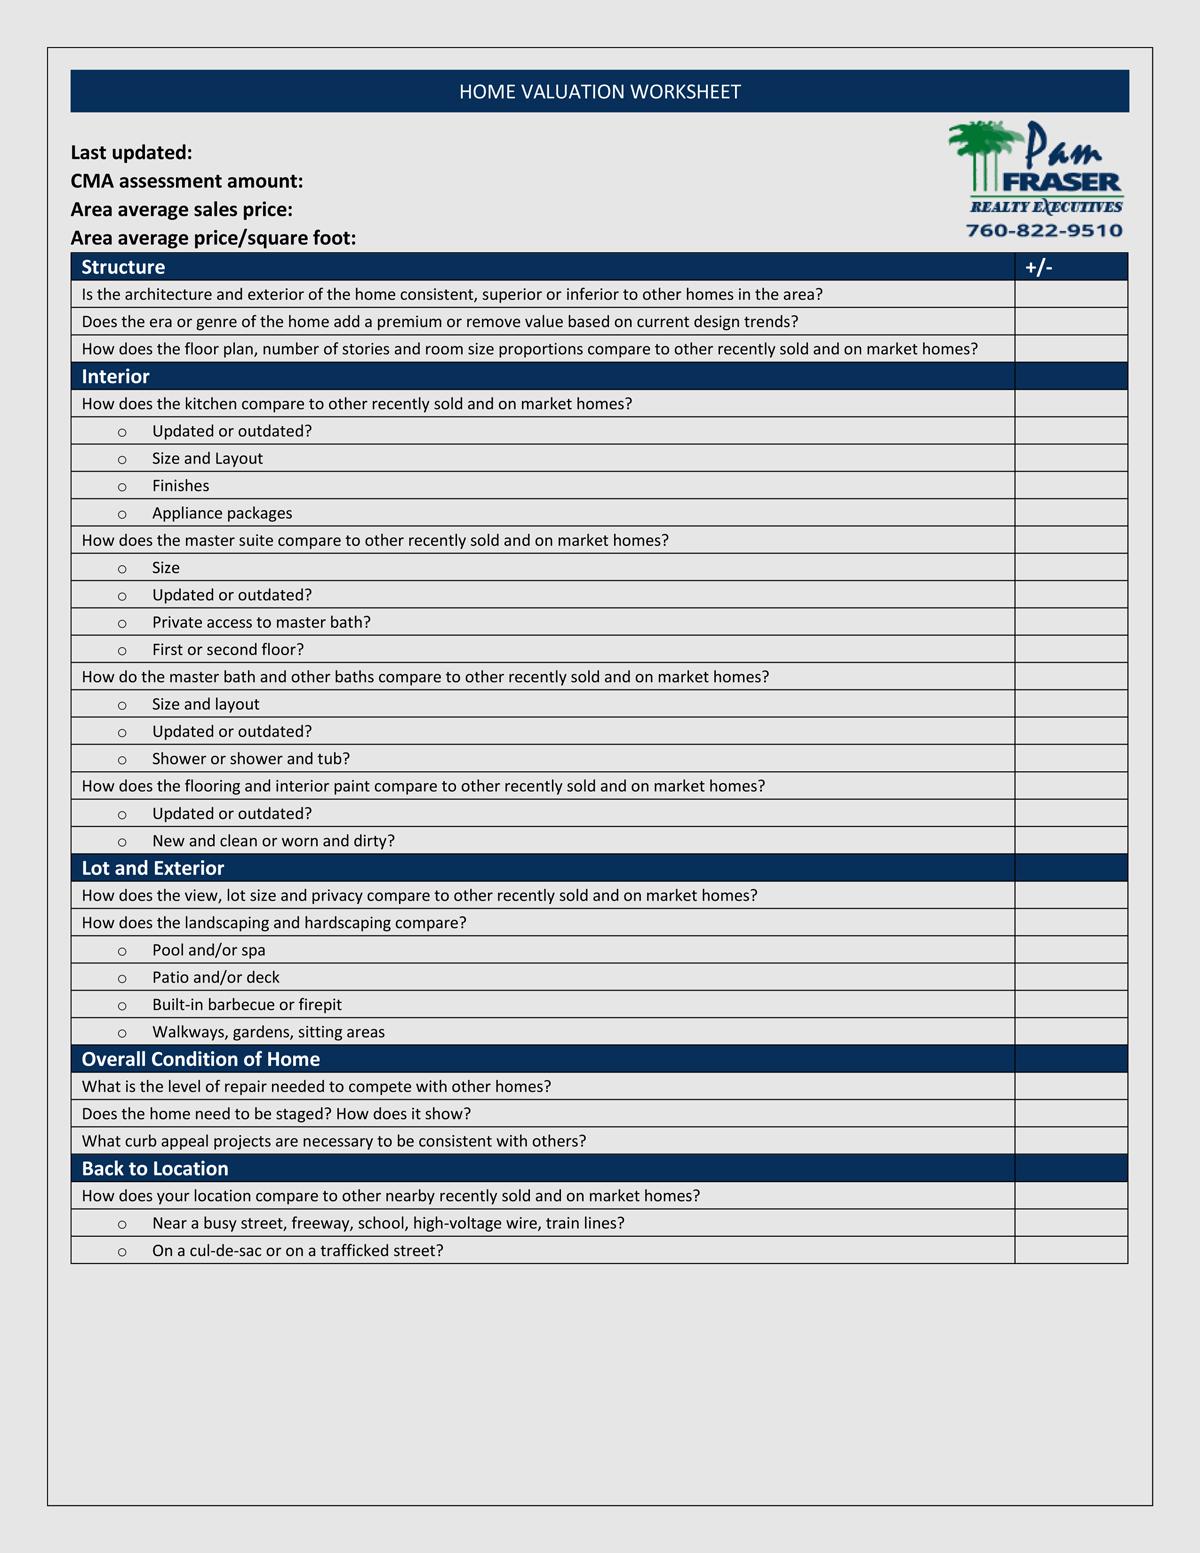 Pam Fraser's home valuation worksheet